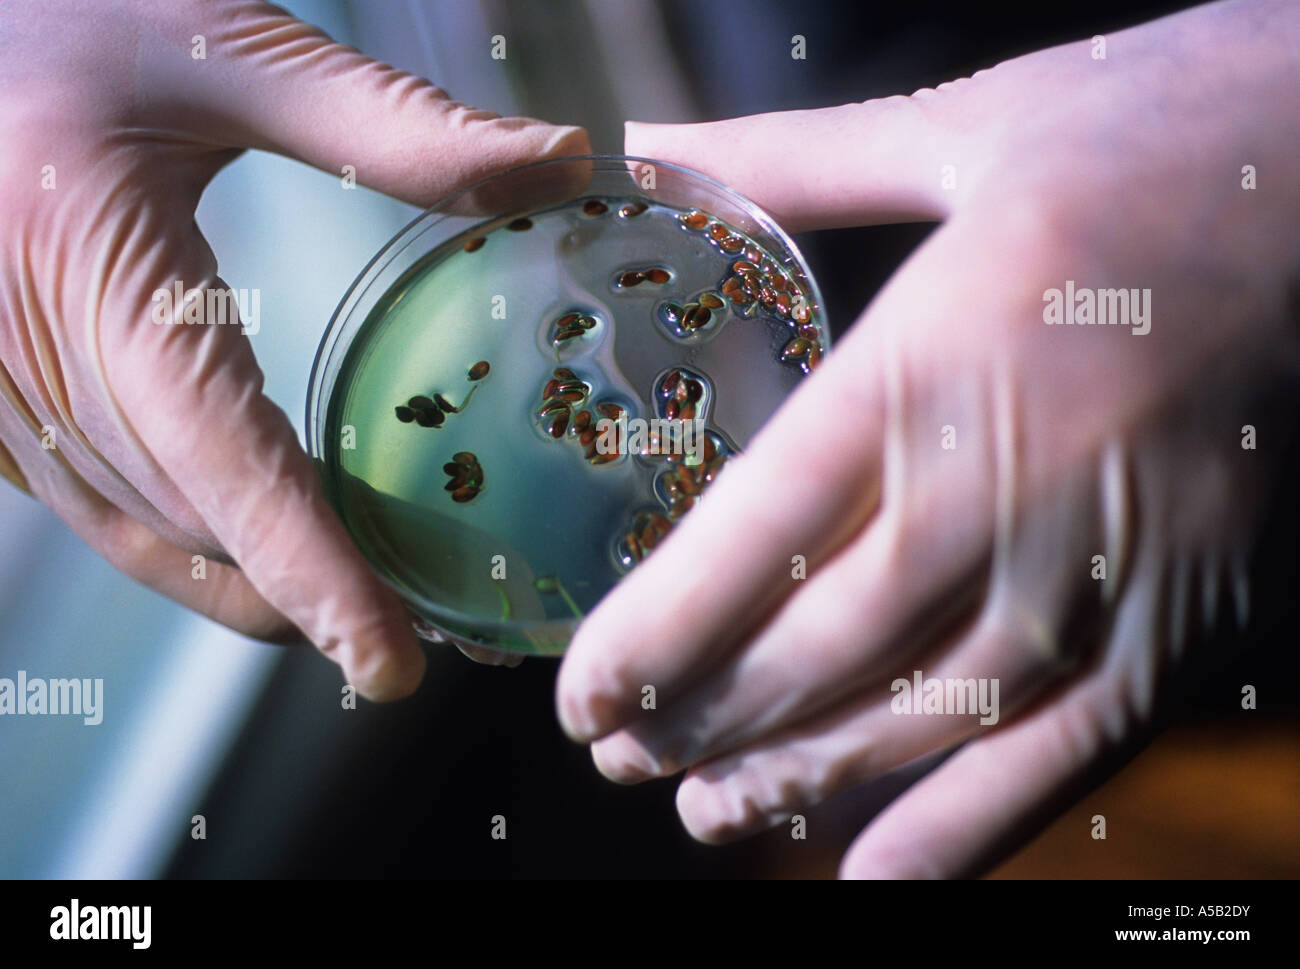 Technicien de laboratoire scientifique avec deux mains gantées de caoutchouc tenant une boîte de Pétri Photo Stock